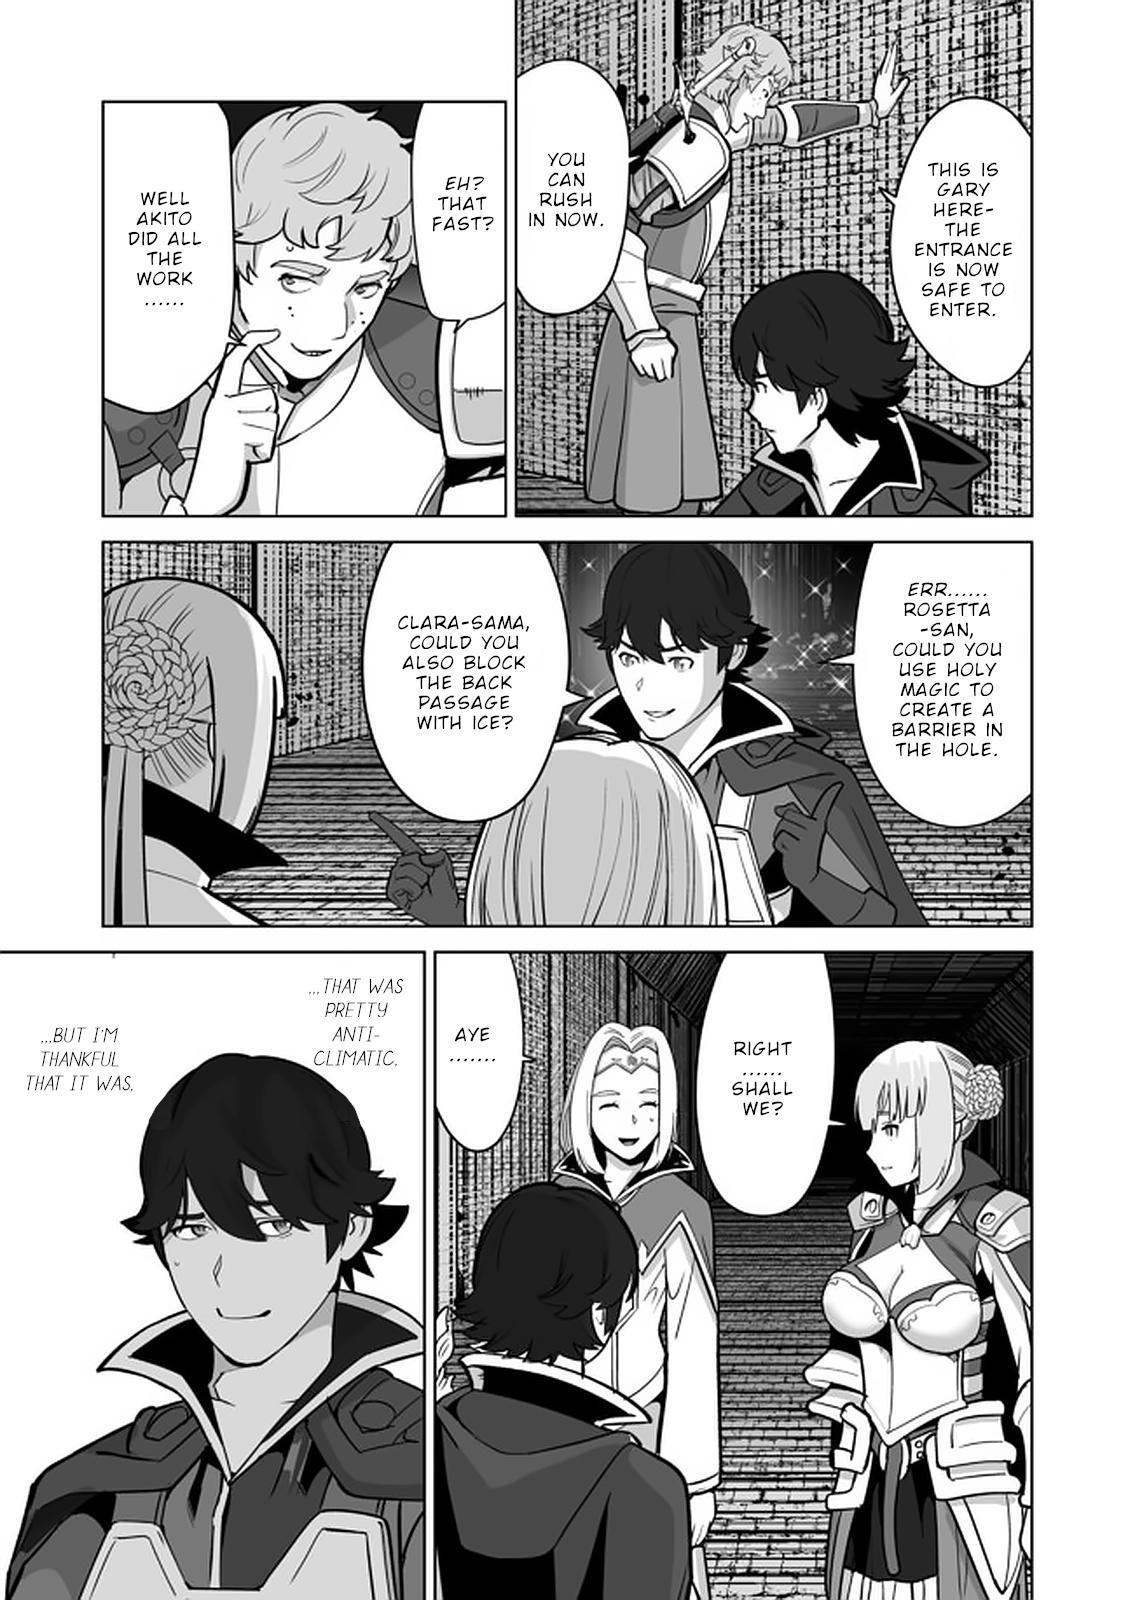 Sen No Sukiru O Motsu Otoko Chapter 36 page 20 - Mangakakalots.com